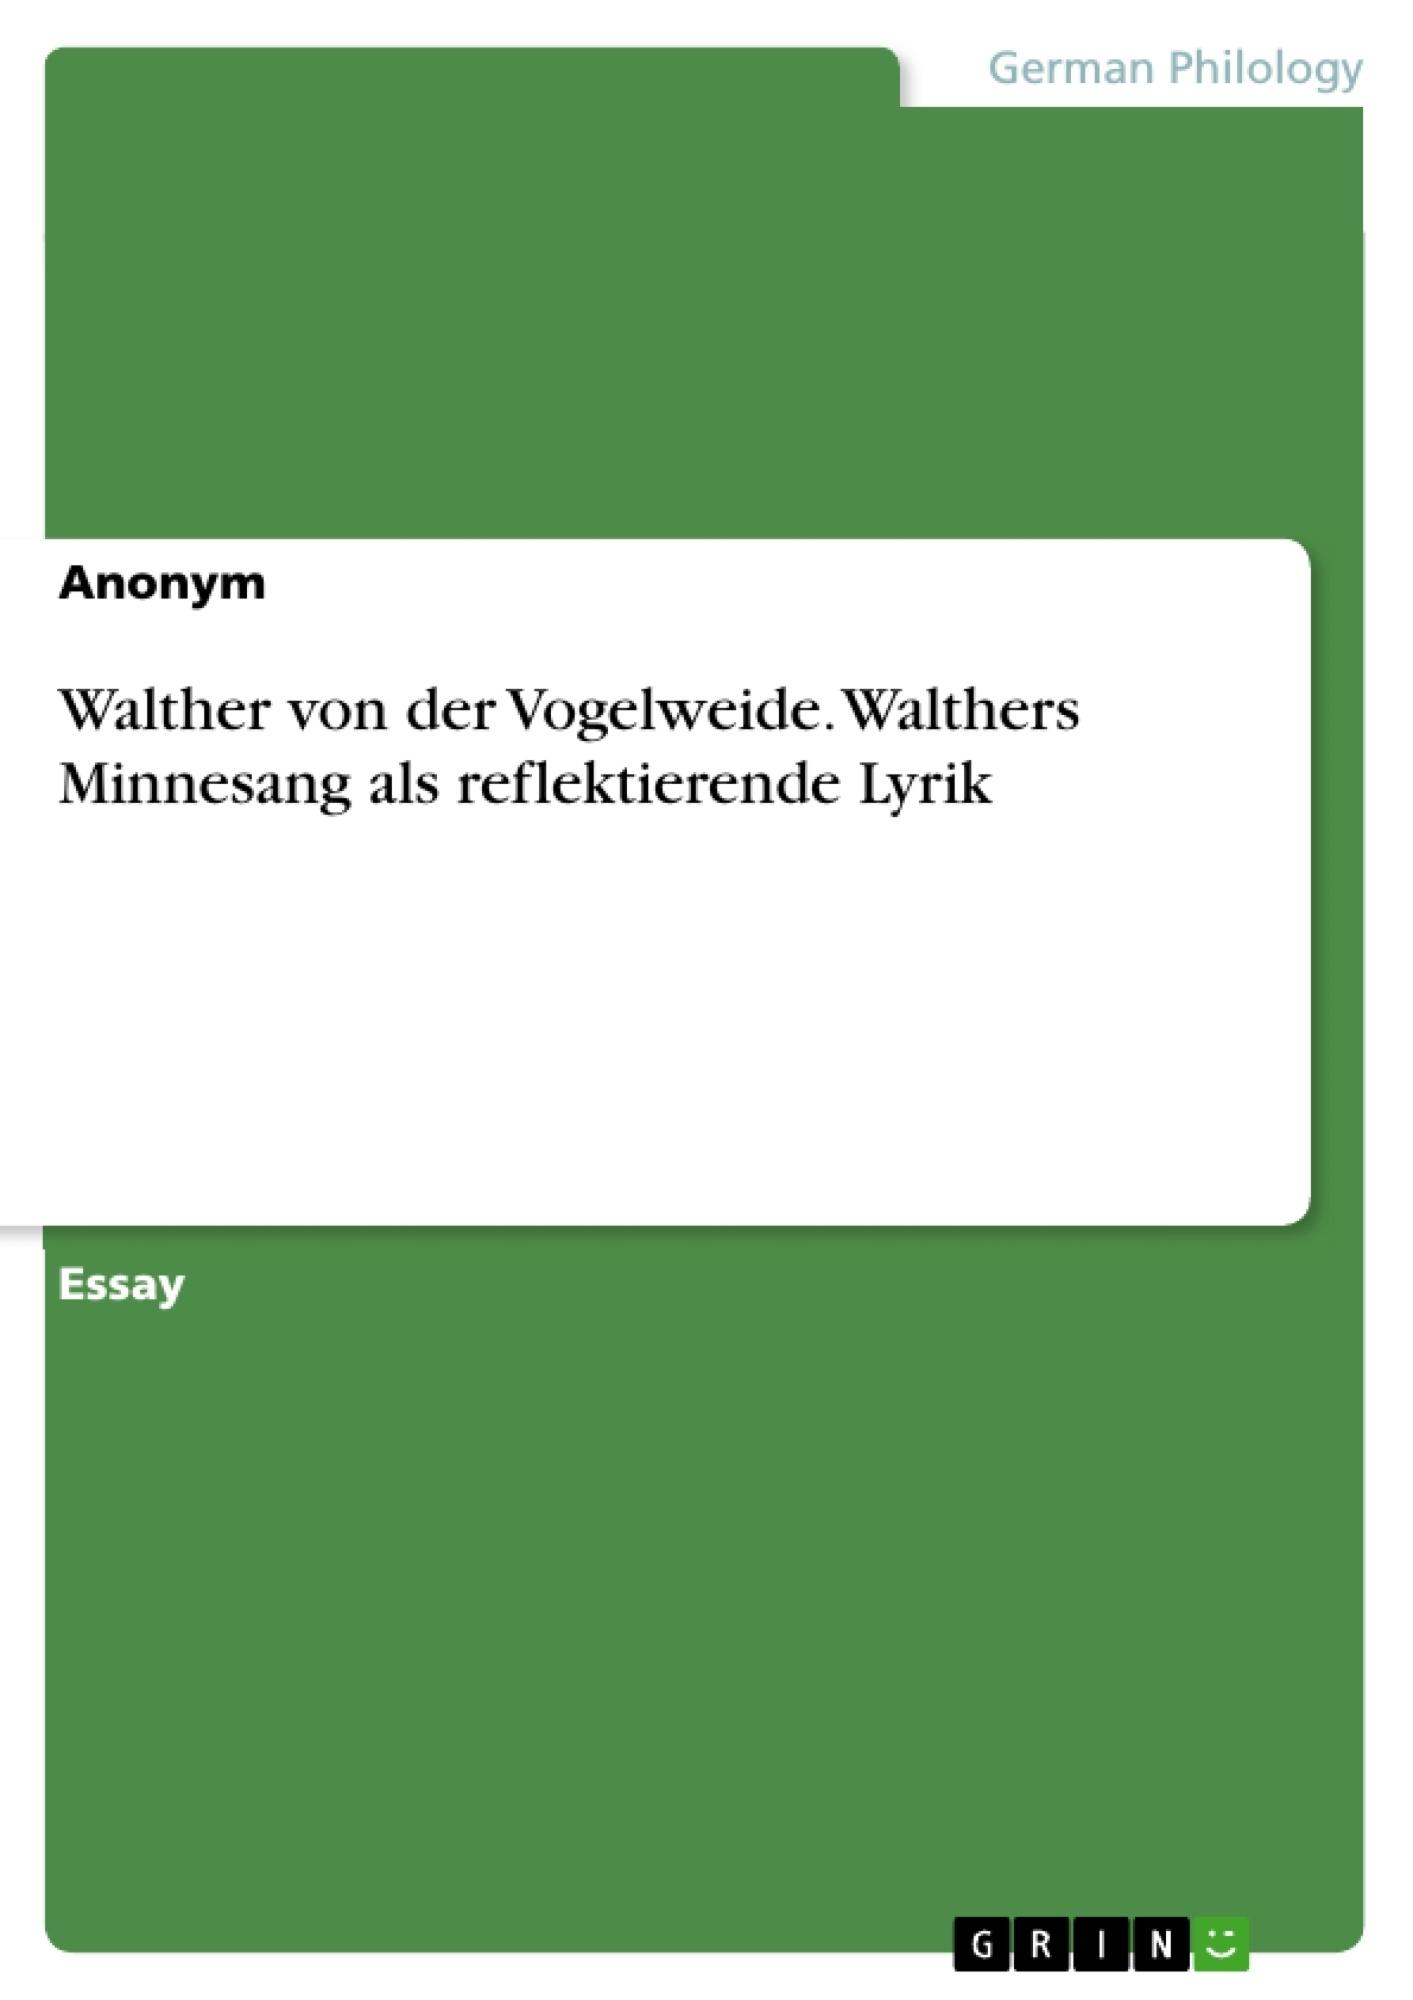 Title: Walther von der Vogelweide. Walthers Minnesang als reflektierende Lyrik